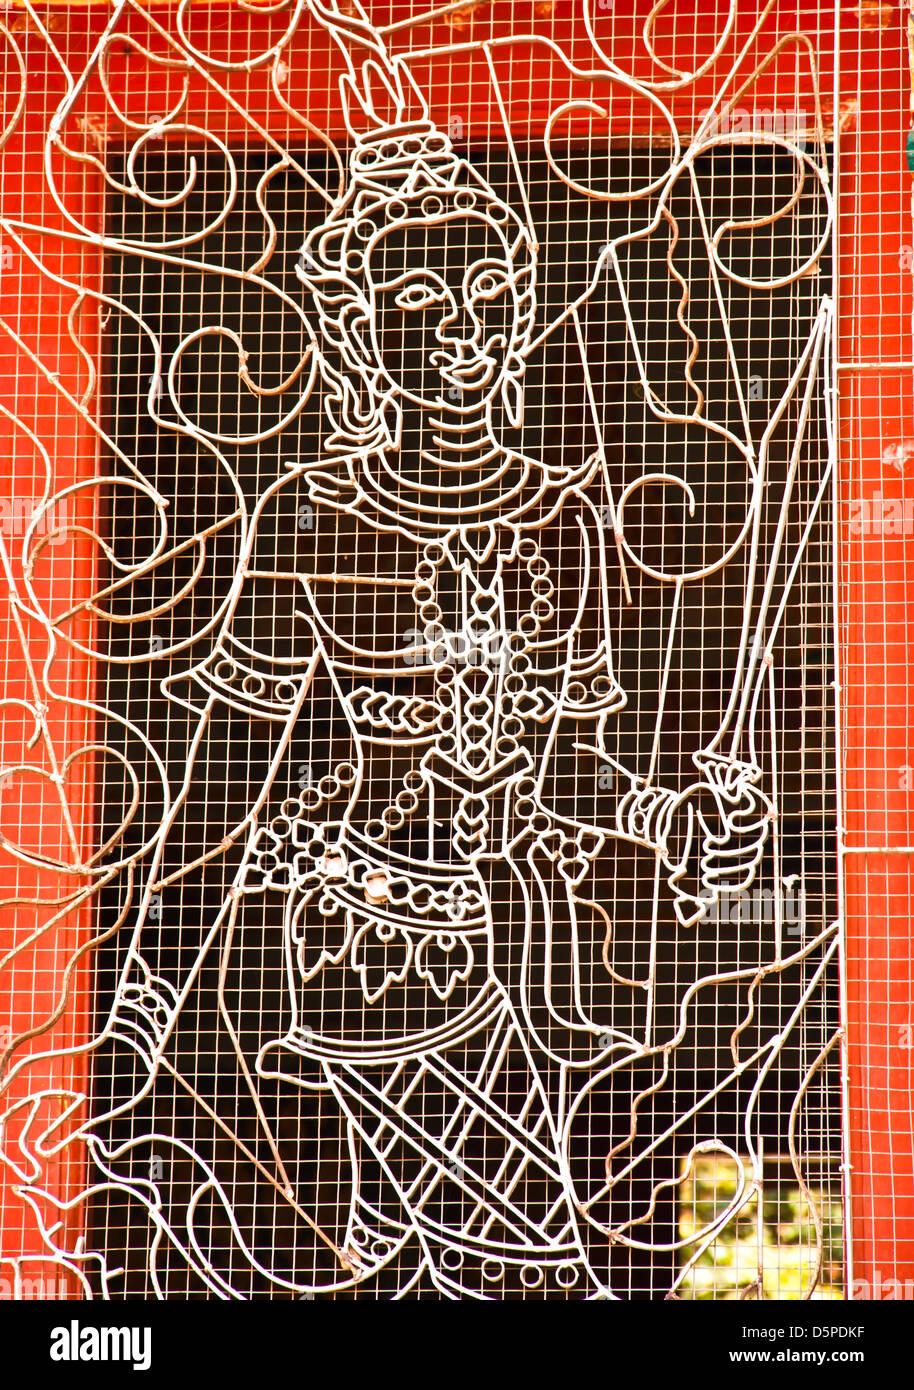 Design of ductile iron. Design patterns in Thai literature. - Stock Image